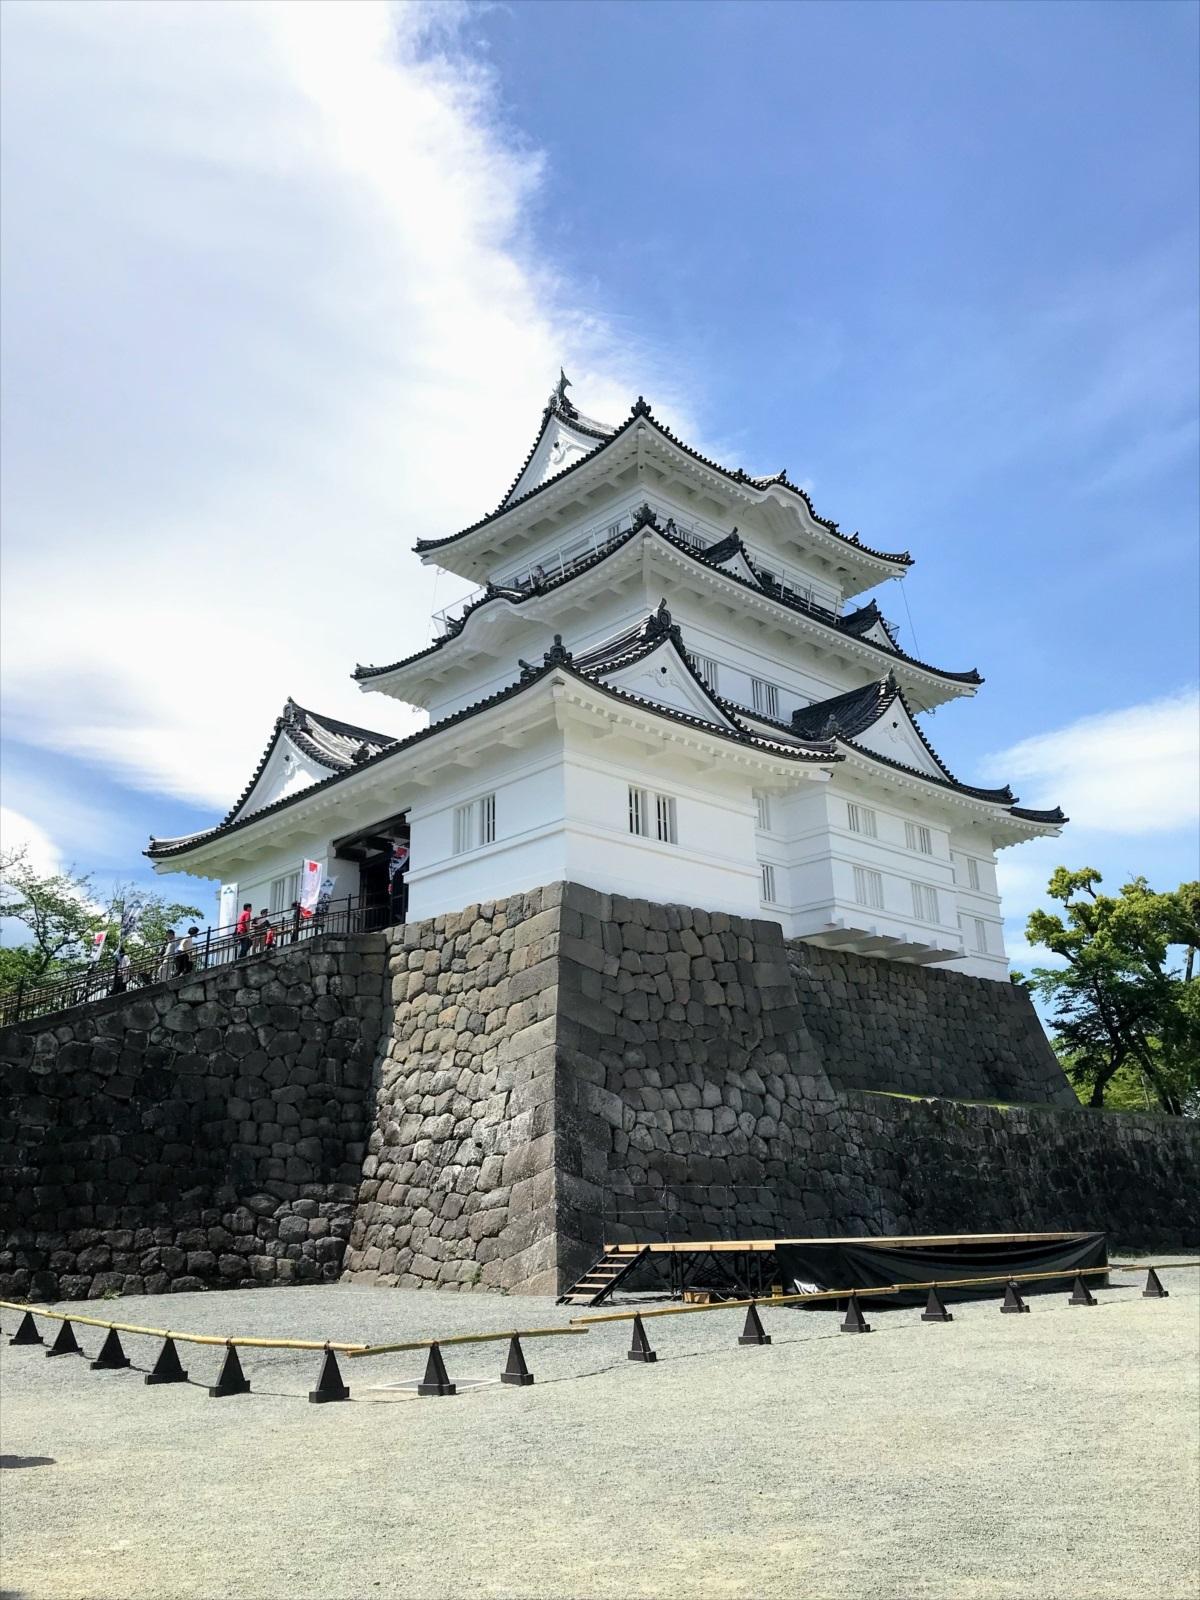 「平成の大改修」を終えたばかりの難攻不落の城・小田原城!